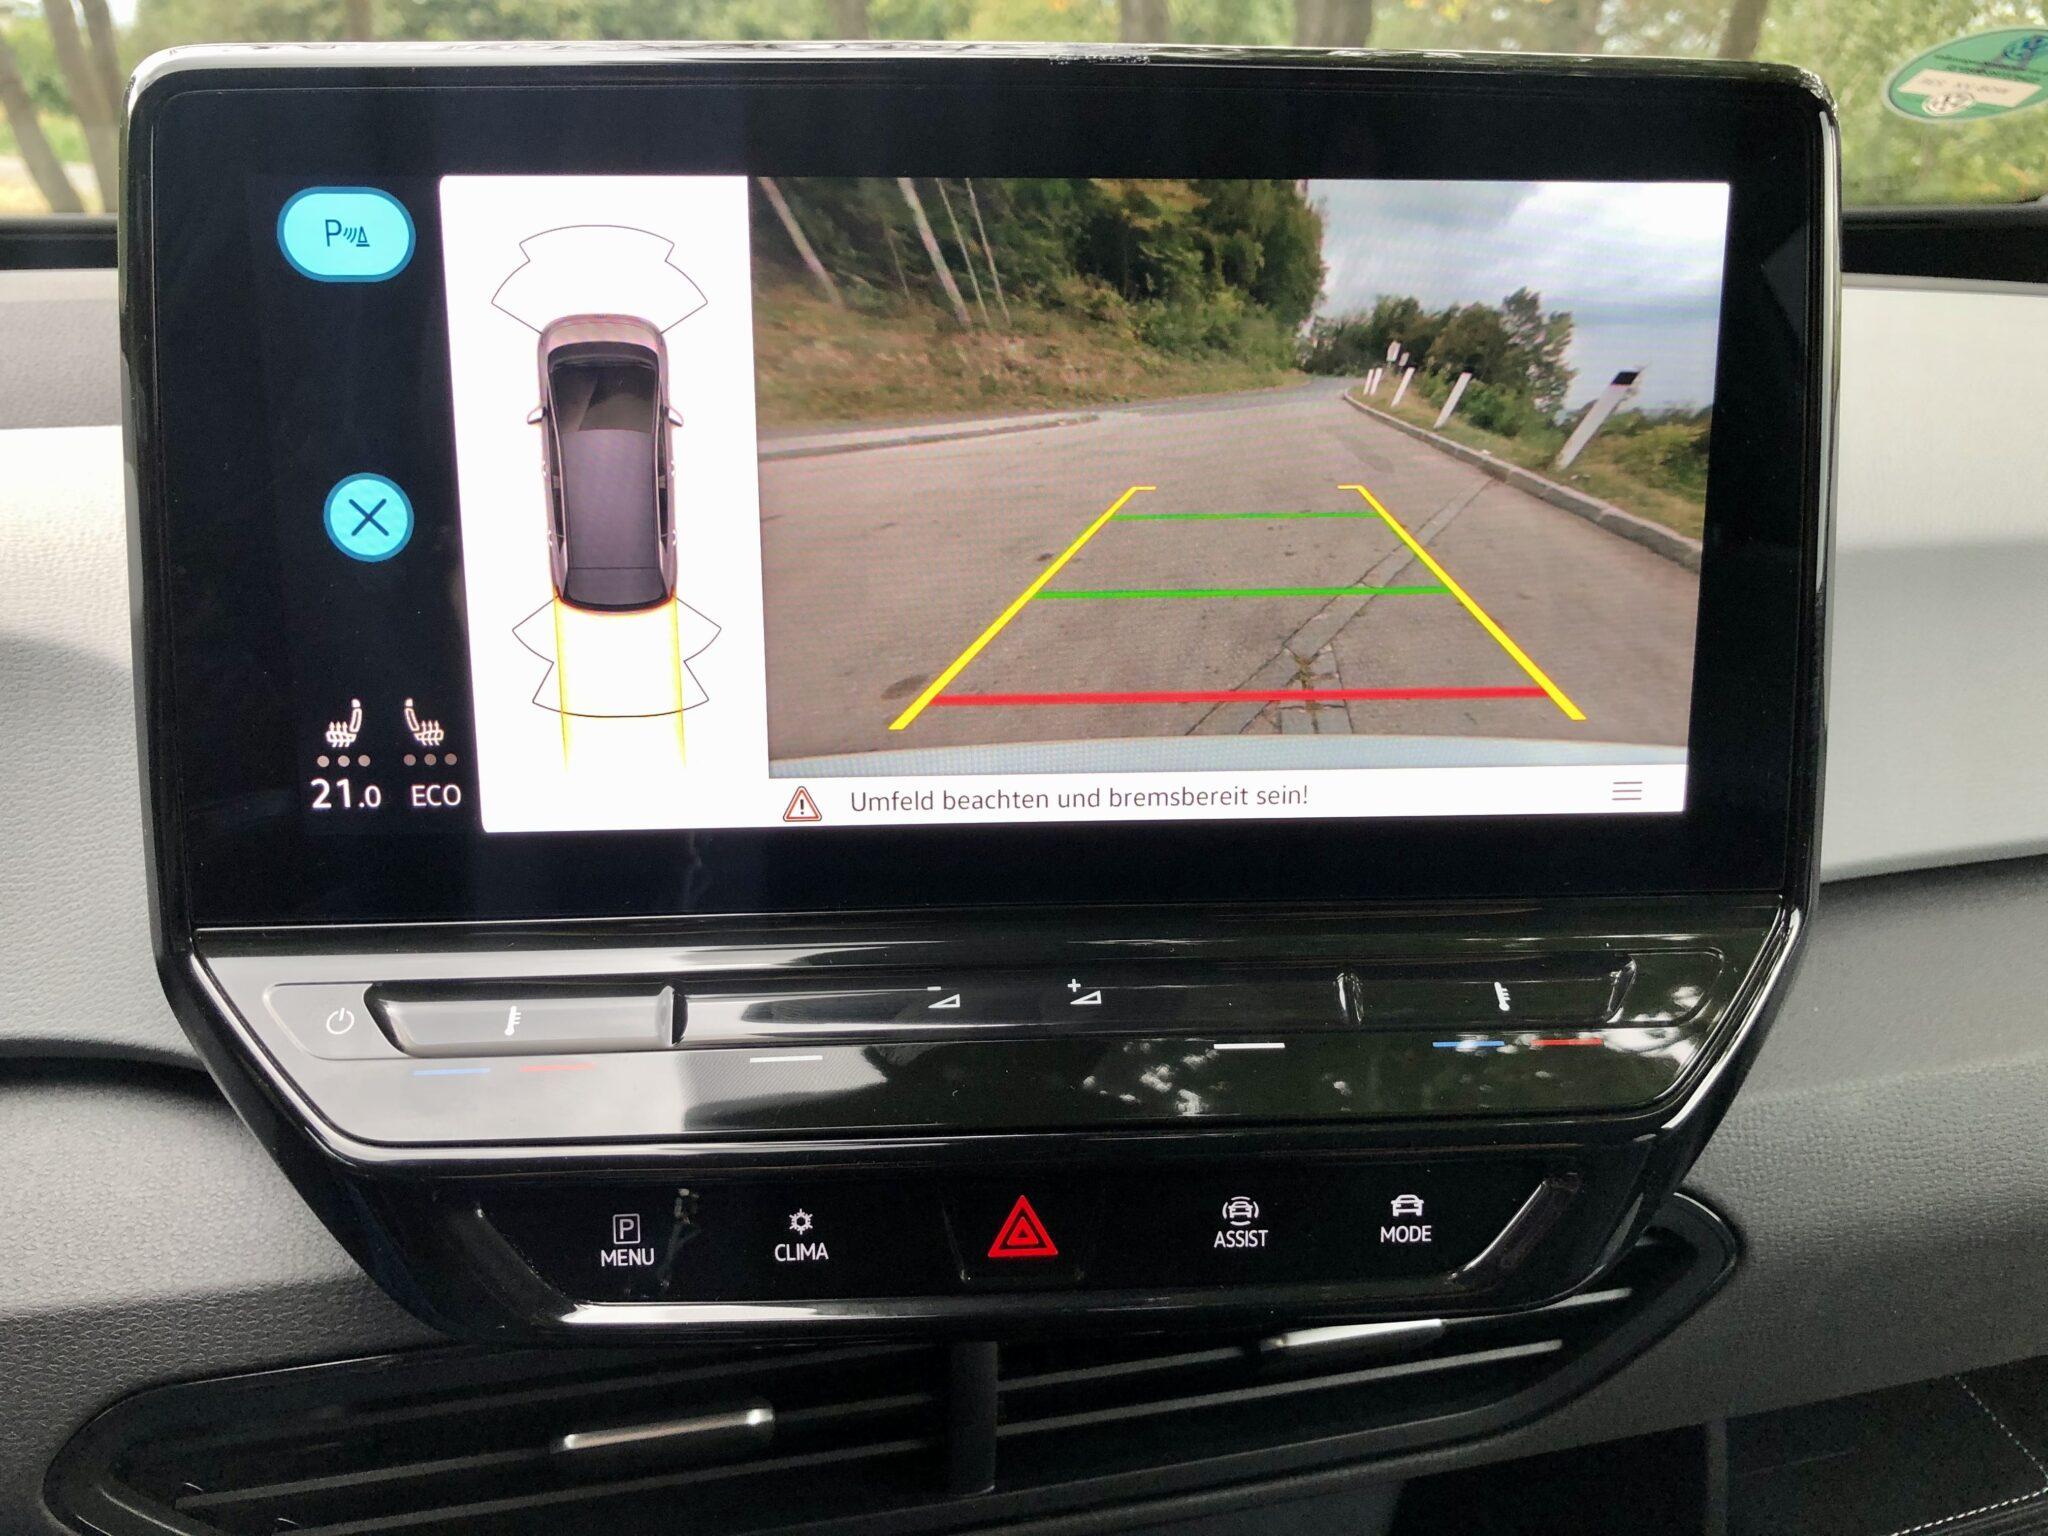 EMC Probefahrt des VW ID.3 » EMC VW ID.3 Probefahrt 16 min scaled